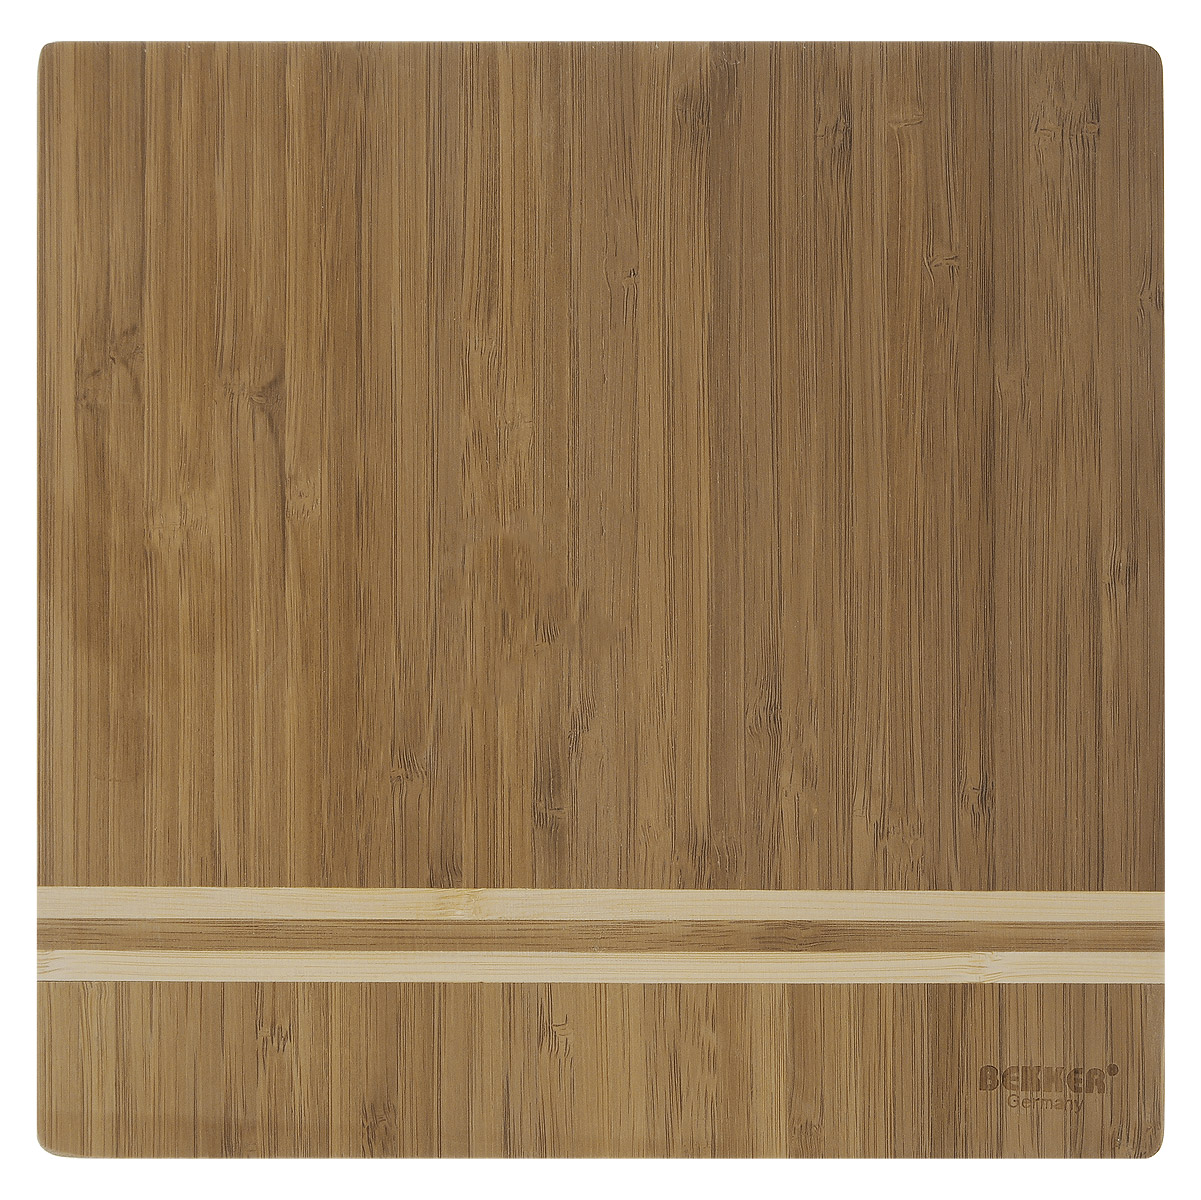 Доска разделочная Bekker, бамбуковая, 25 х 25 смBK-9725Квадратная разделочная доска Bekker изготовлена из высококачественной древесины бамбука, обладающей антибактериальными свойствами. Бамбук - инновационный материал, идеально подходящий для разделочных досок. Доски из бамбука обладают высокой плотностью структуры древесины, а также устойчивы к механическим воздействиям. Функциональная и простая в использовании, разделочная доска Bekker прекрасно впишется в интерьер любой кухни и прослужит вам долгие годы.